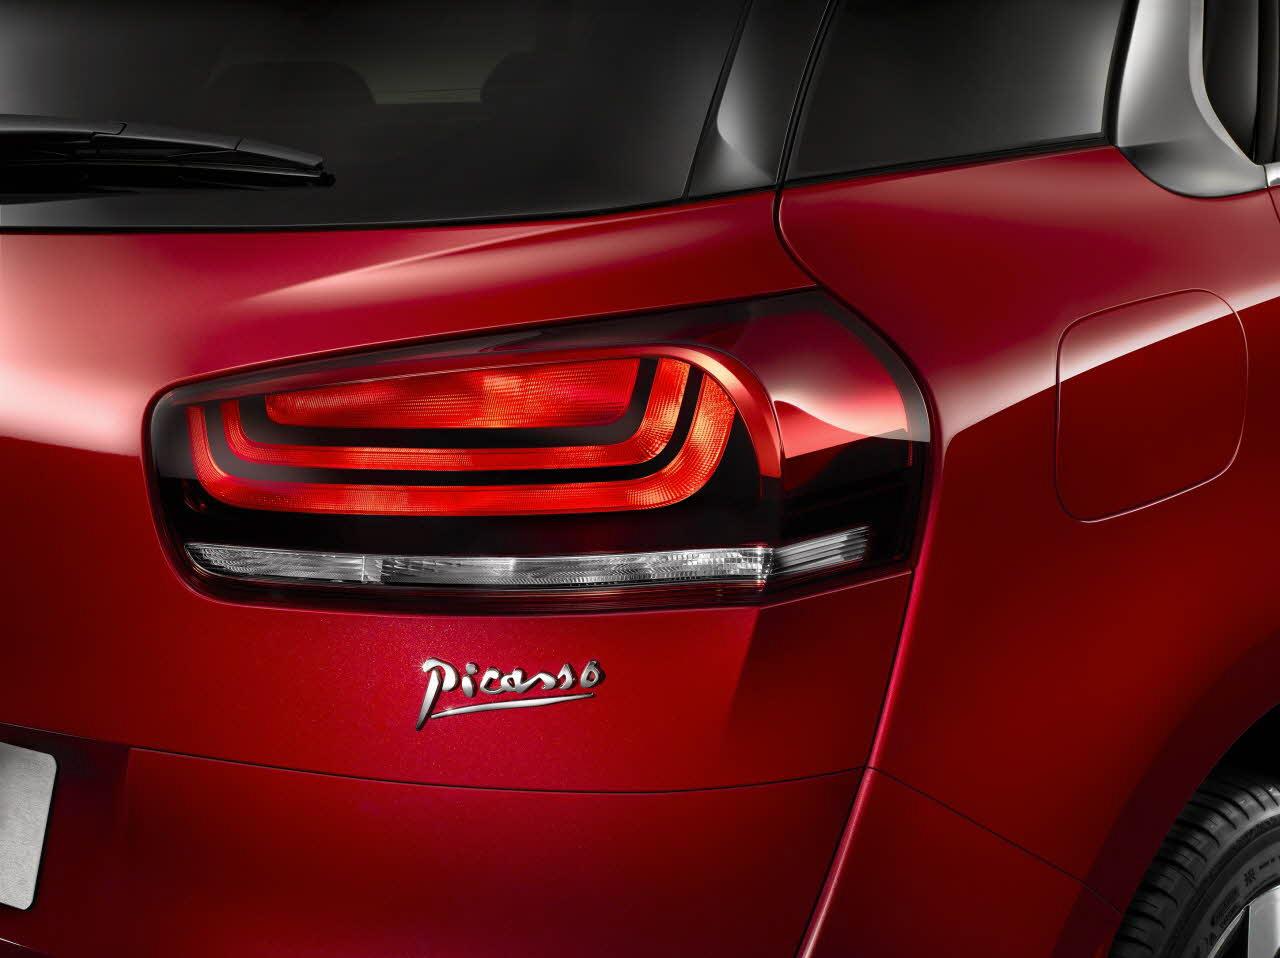 2016 - [Citroën] C4 Picasso II restylé - Page 4 706227feu